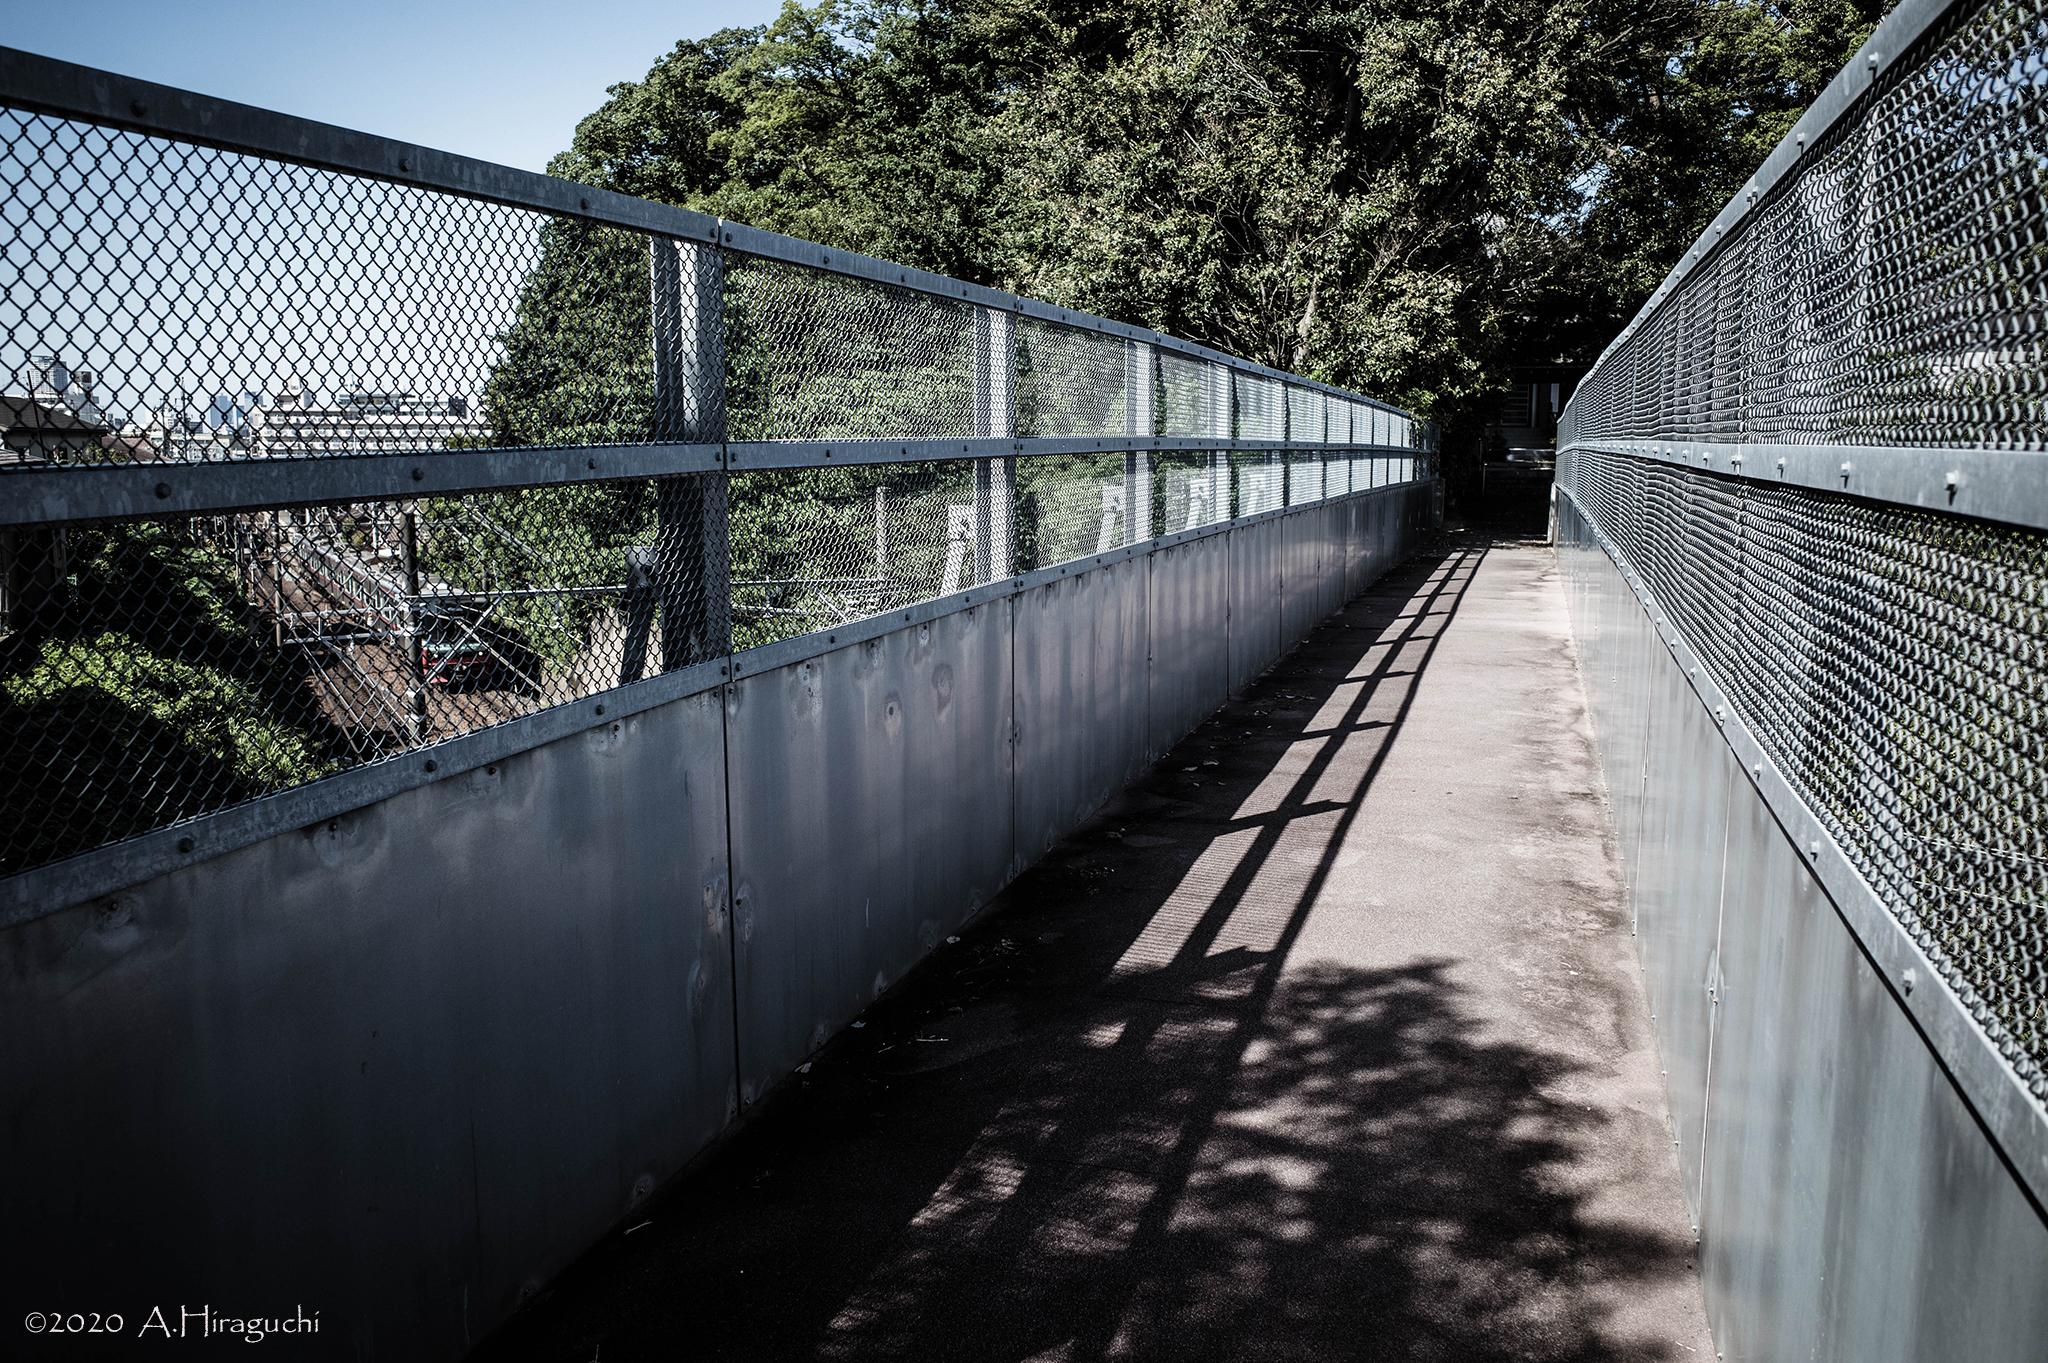 城址への橋